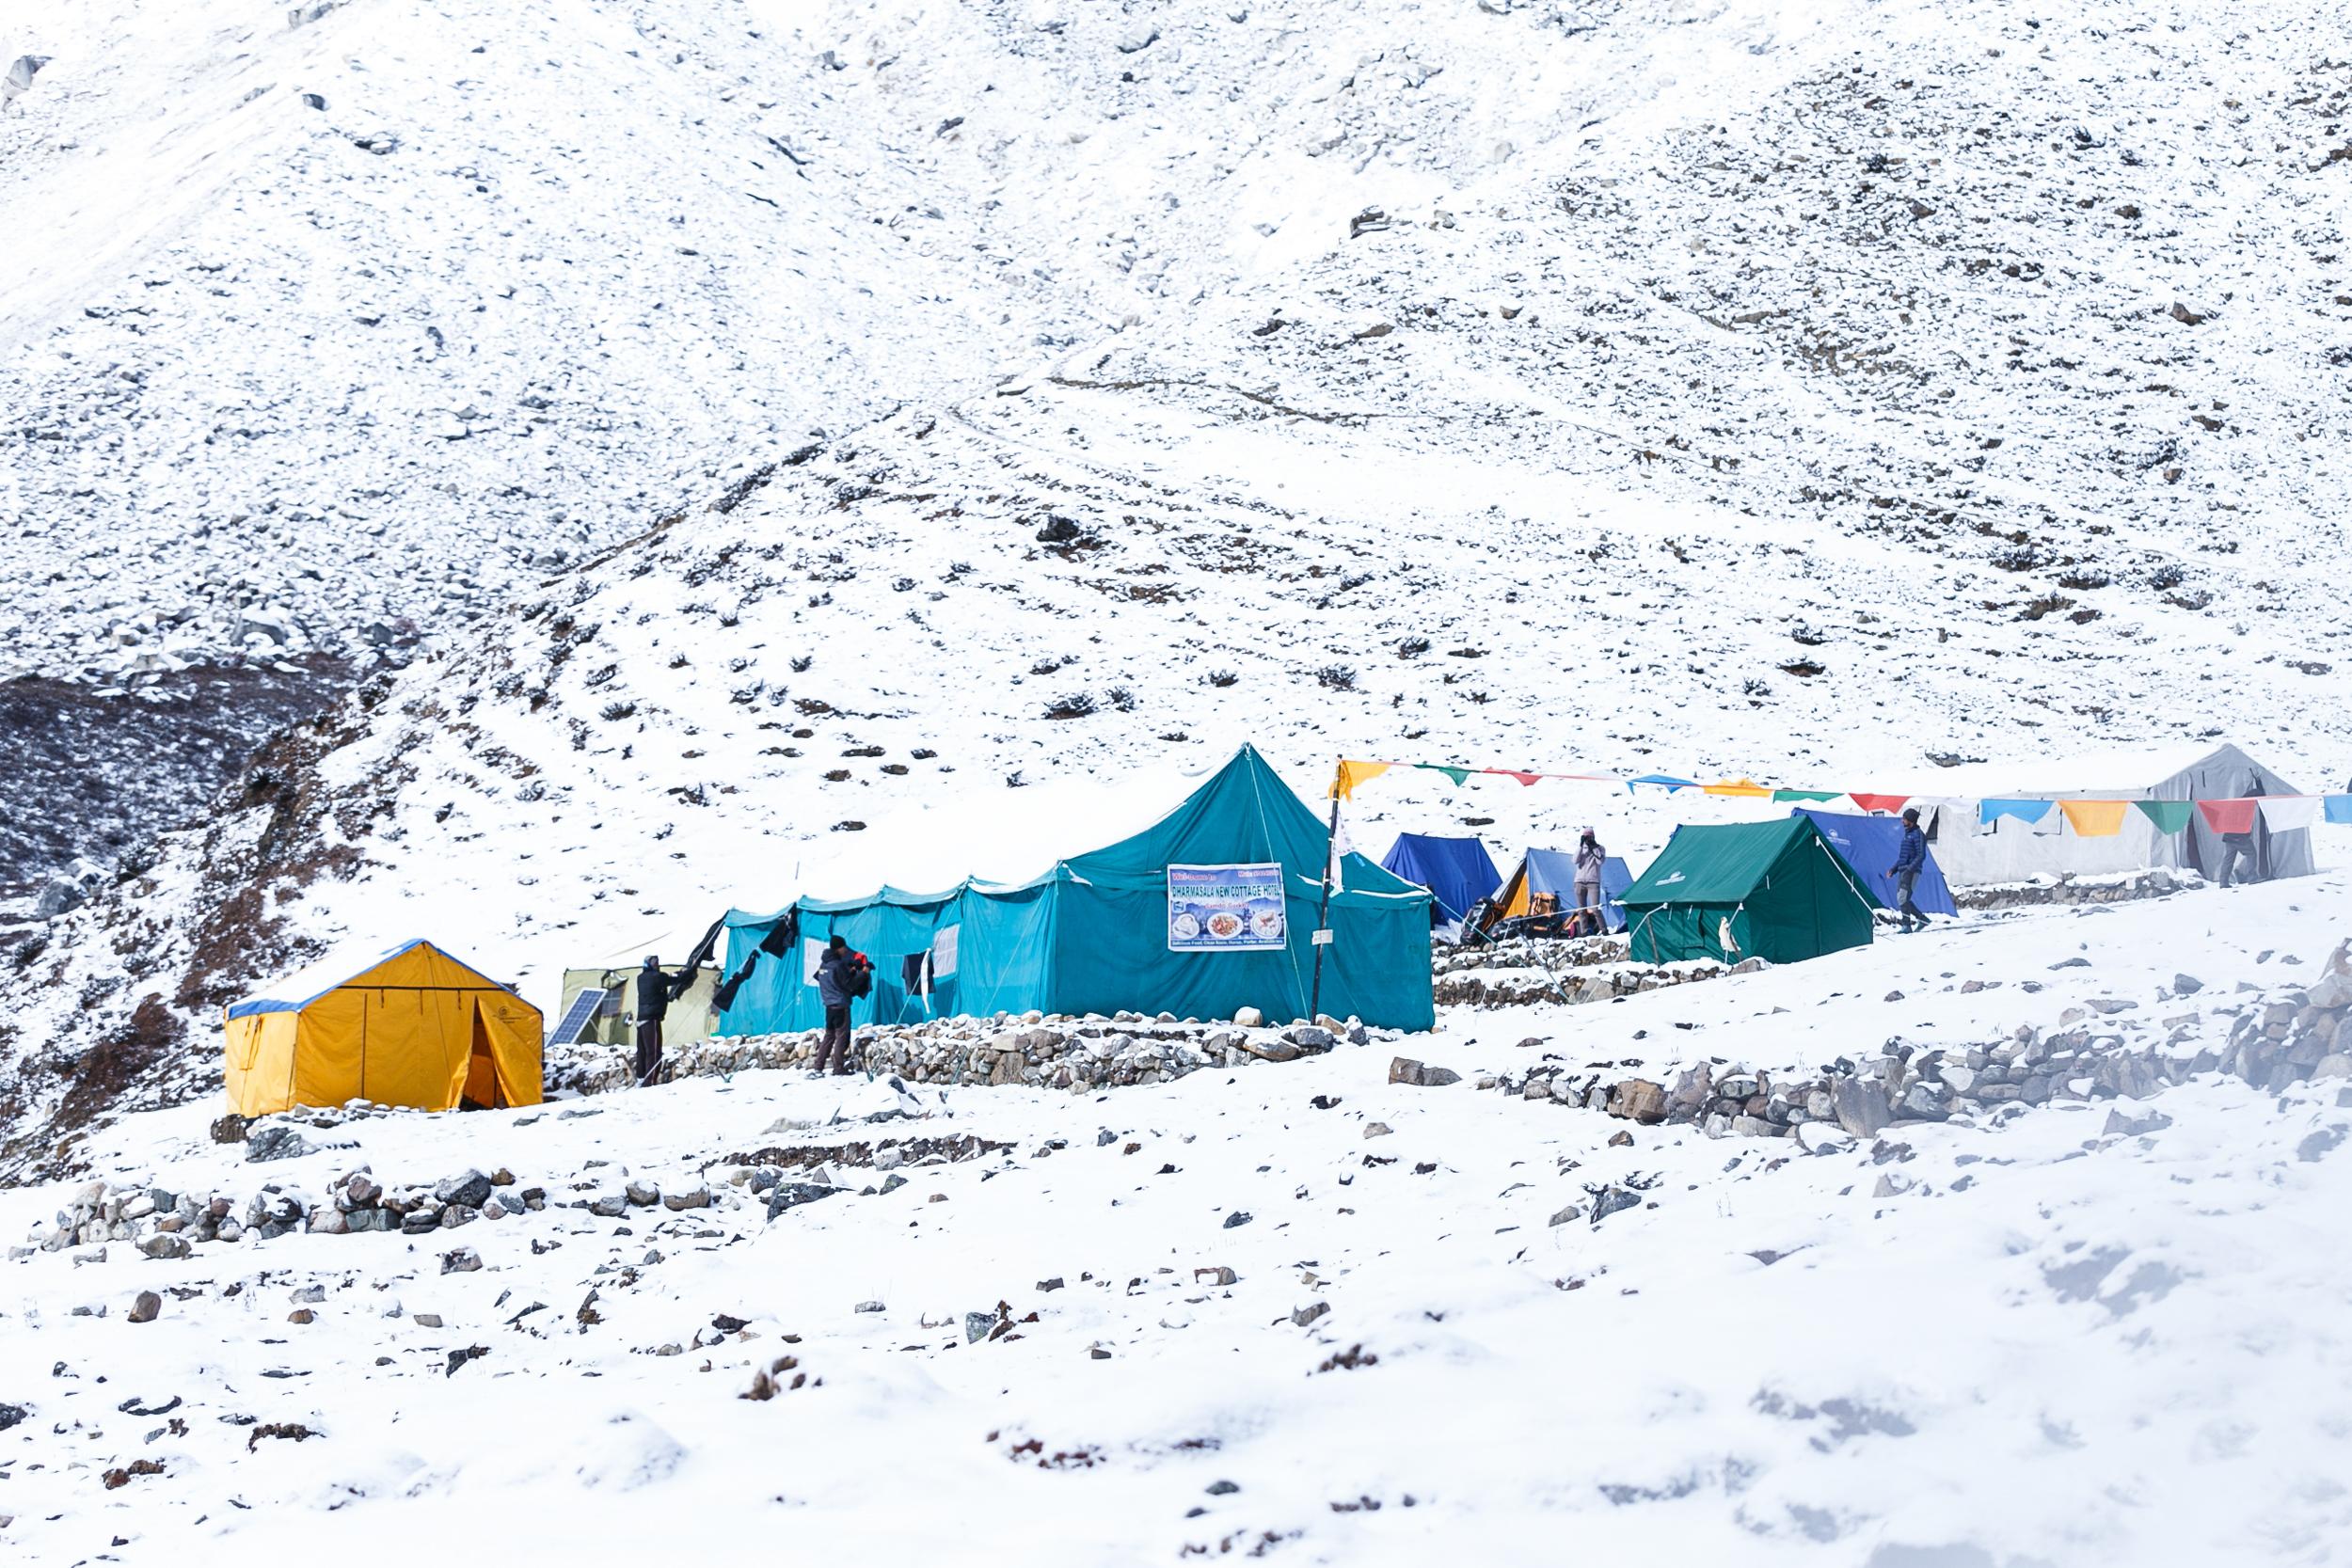 Dharamsala tented camp (4,400m).